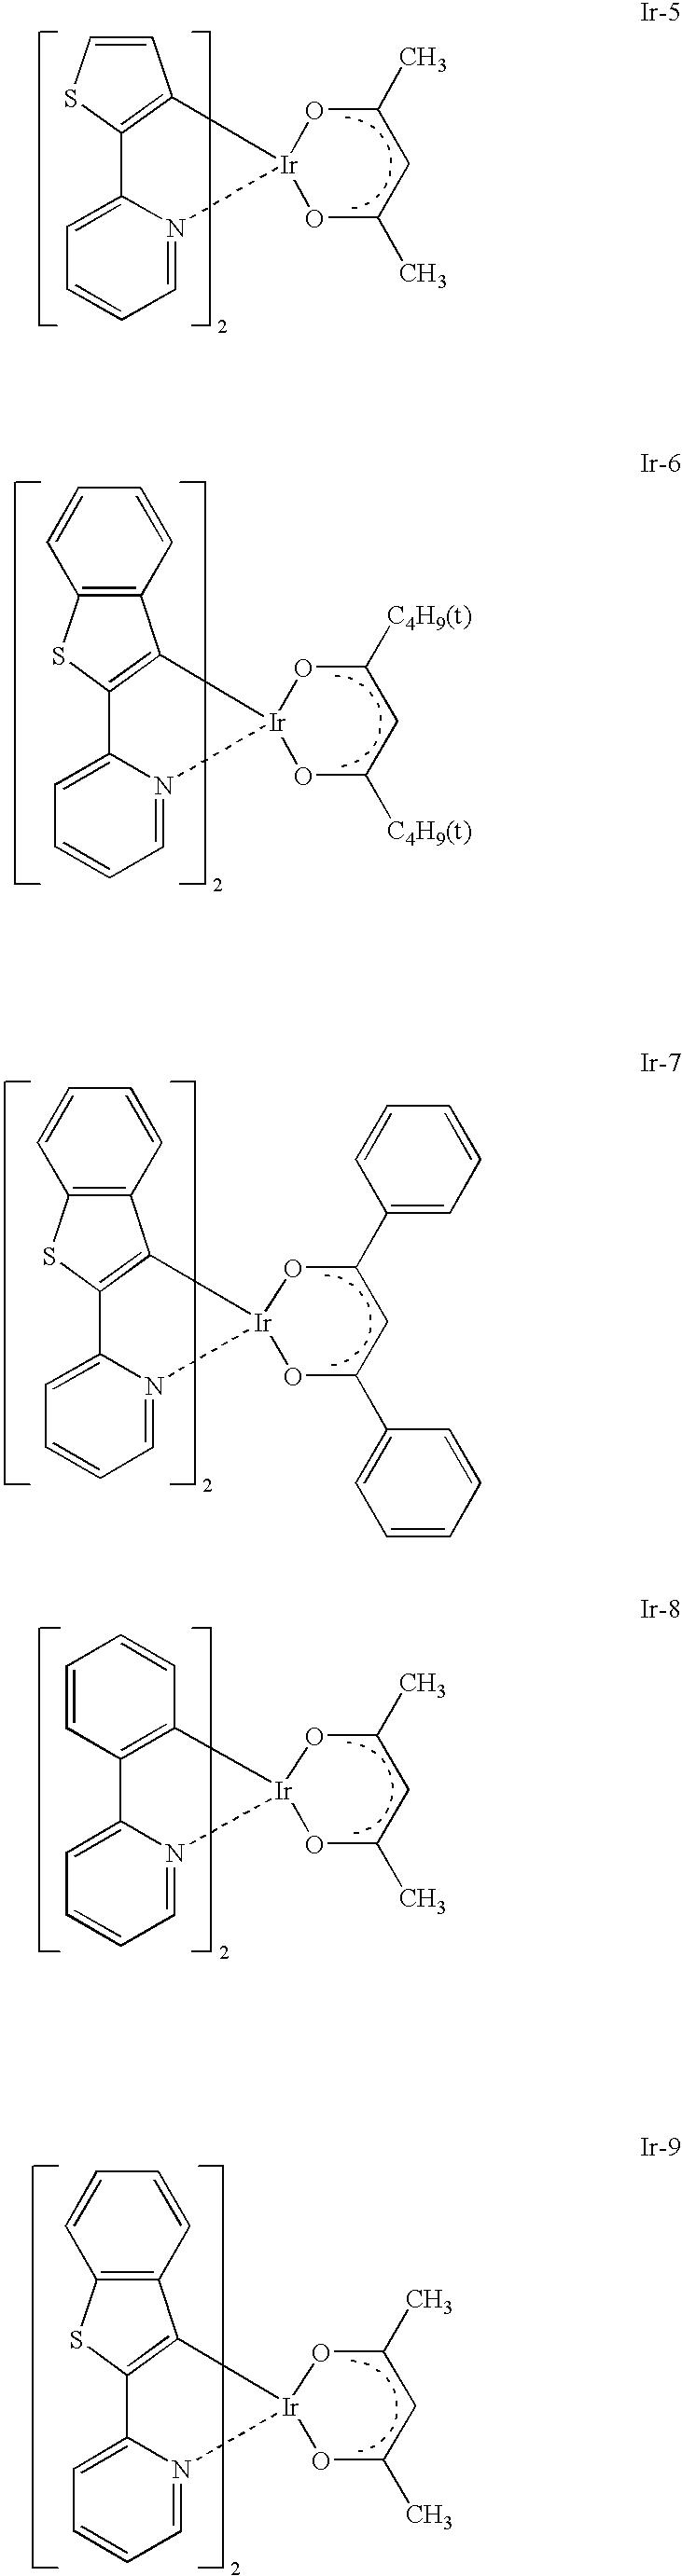 Figure US20080176041A1-20080724-C00003